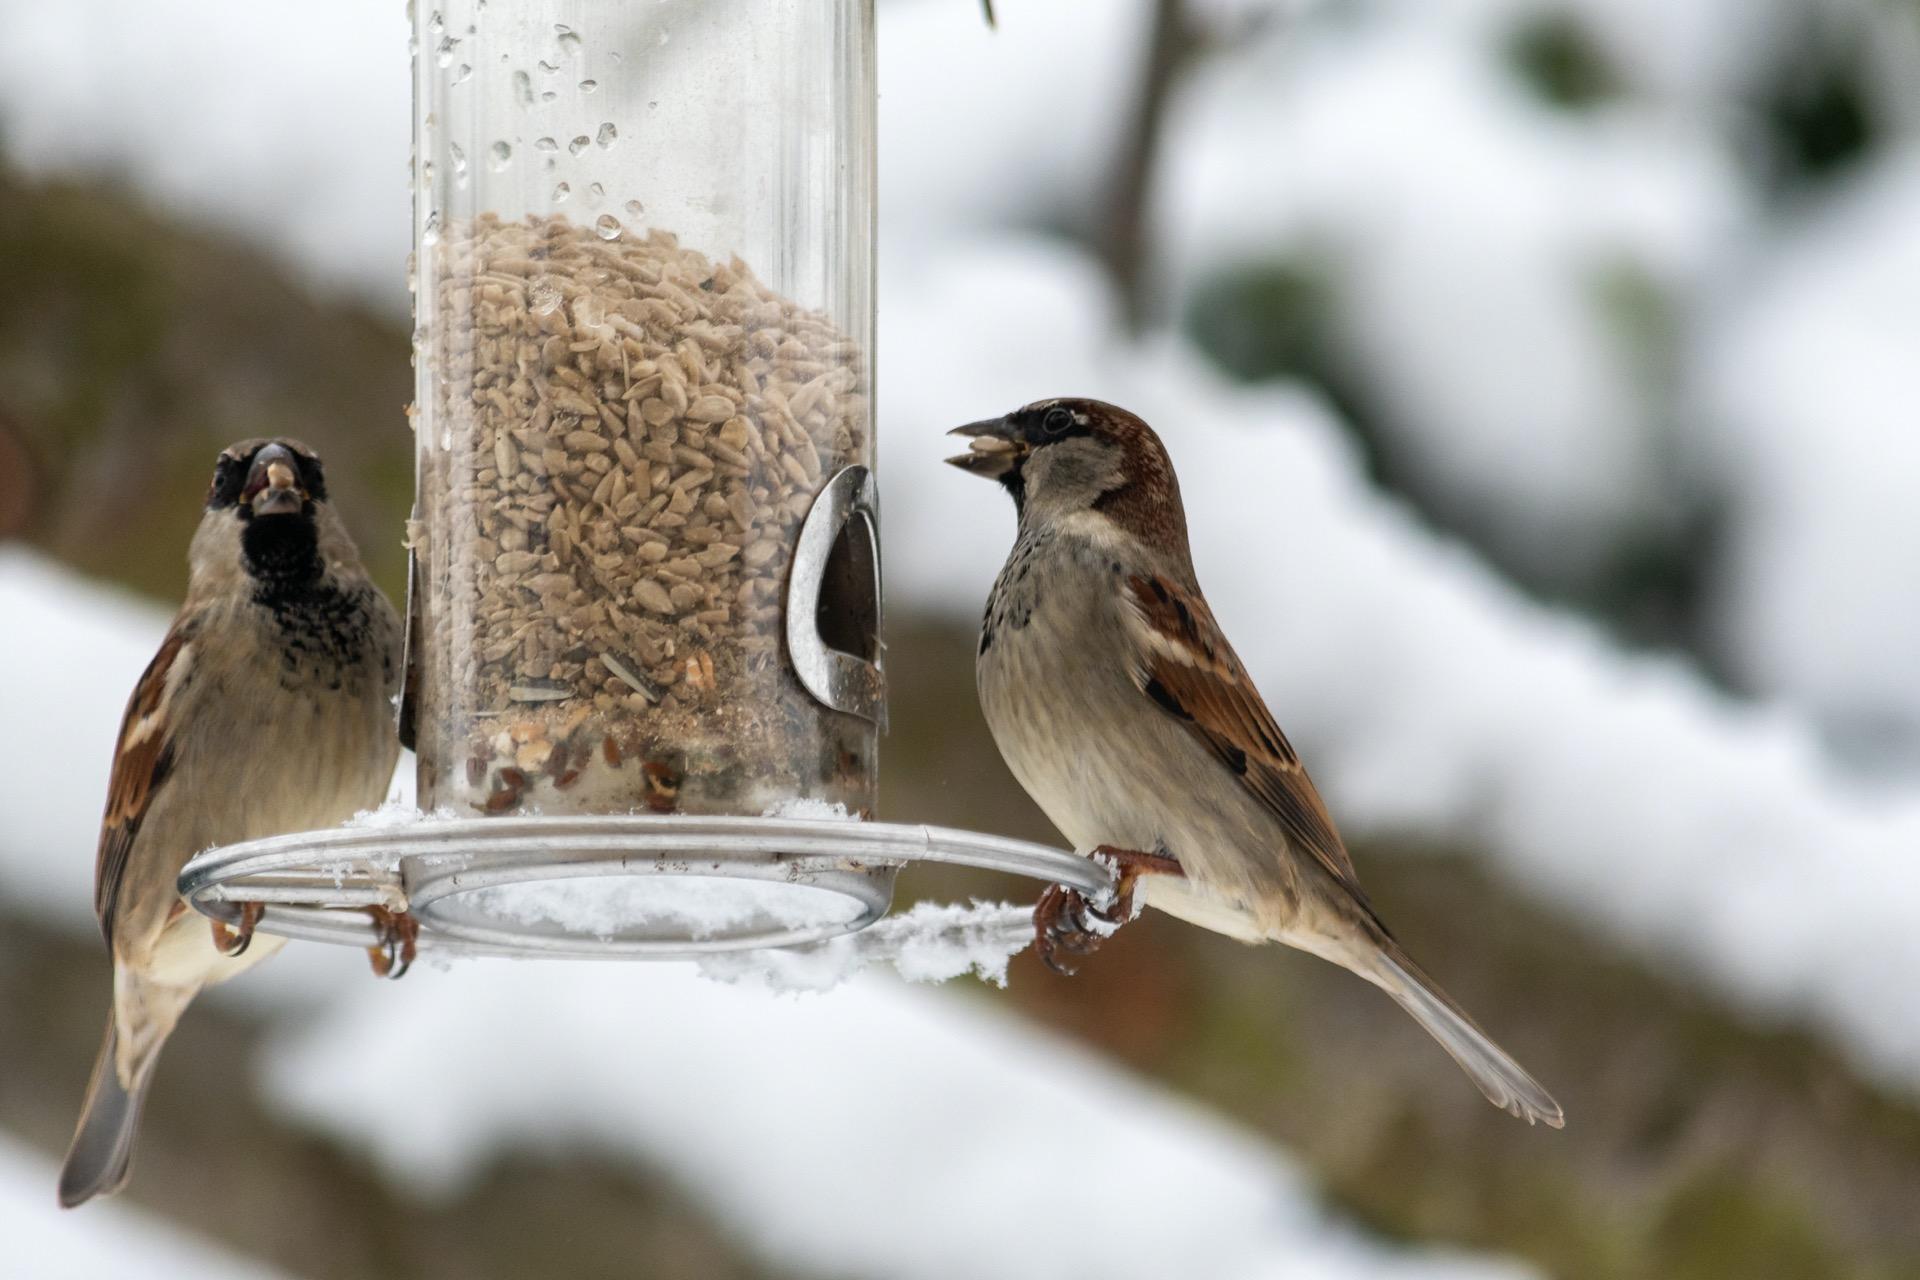 Vogel am Futter am Baum im Winter